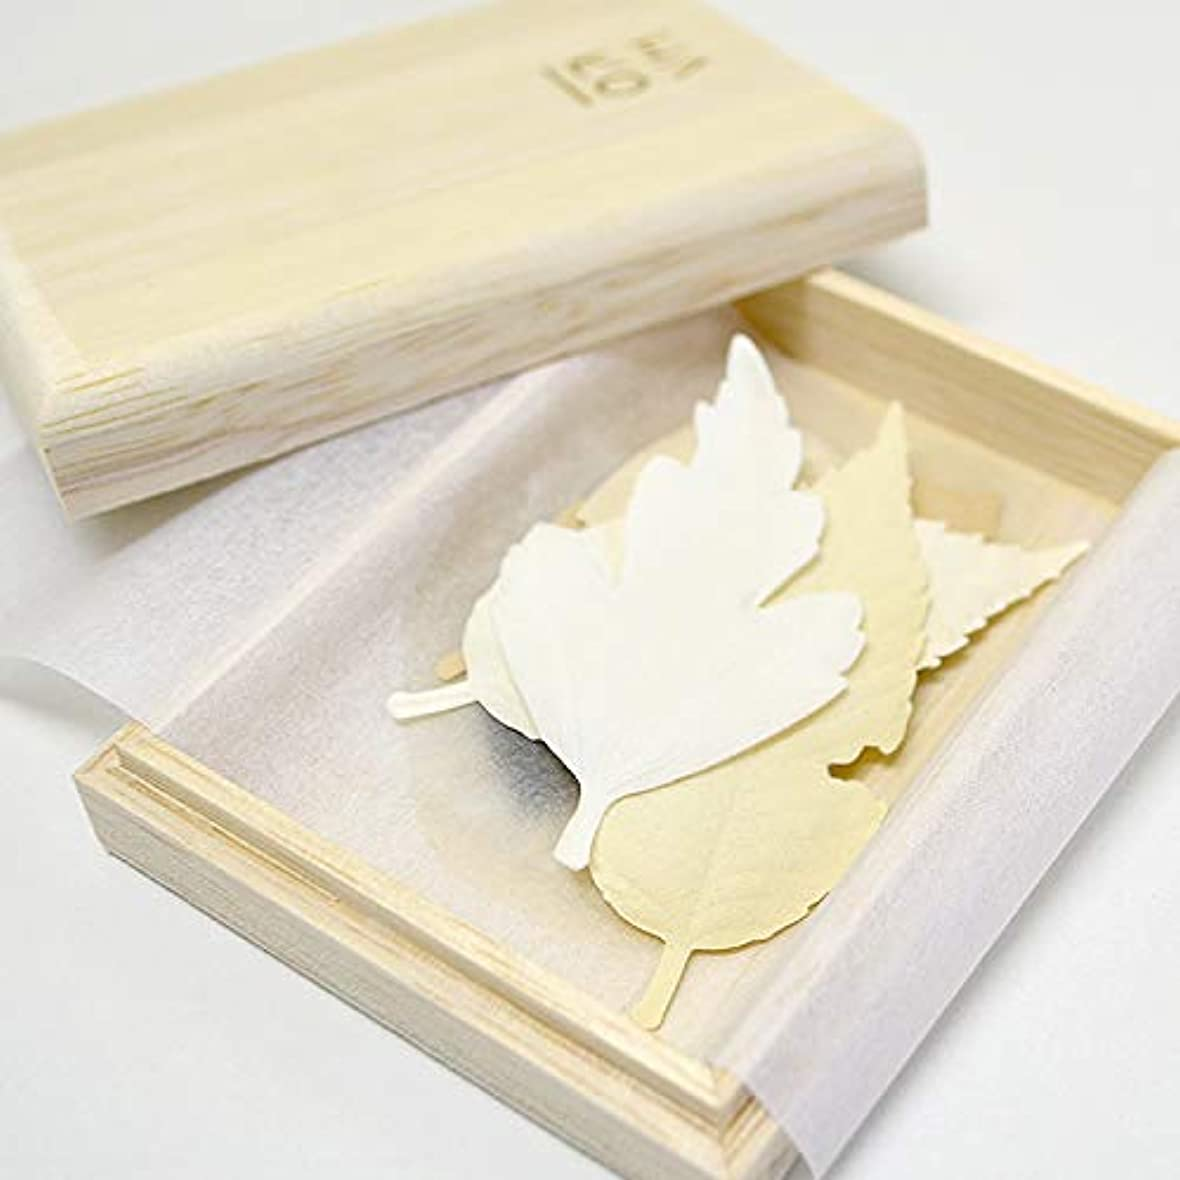 キャビン牛肉残り物PAPER INCENSE HAKO 01 5枚入 桐箱